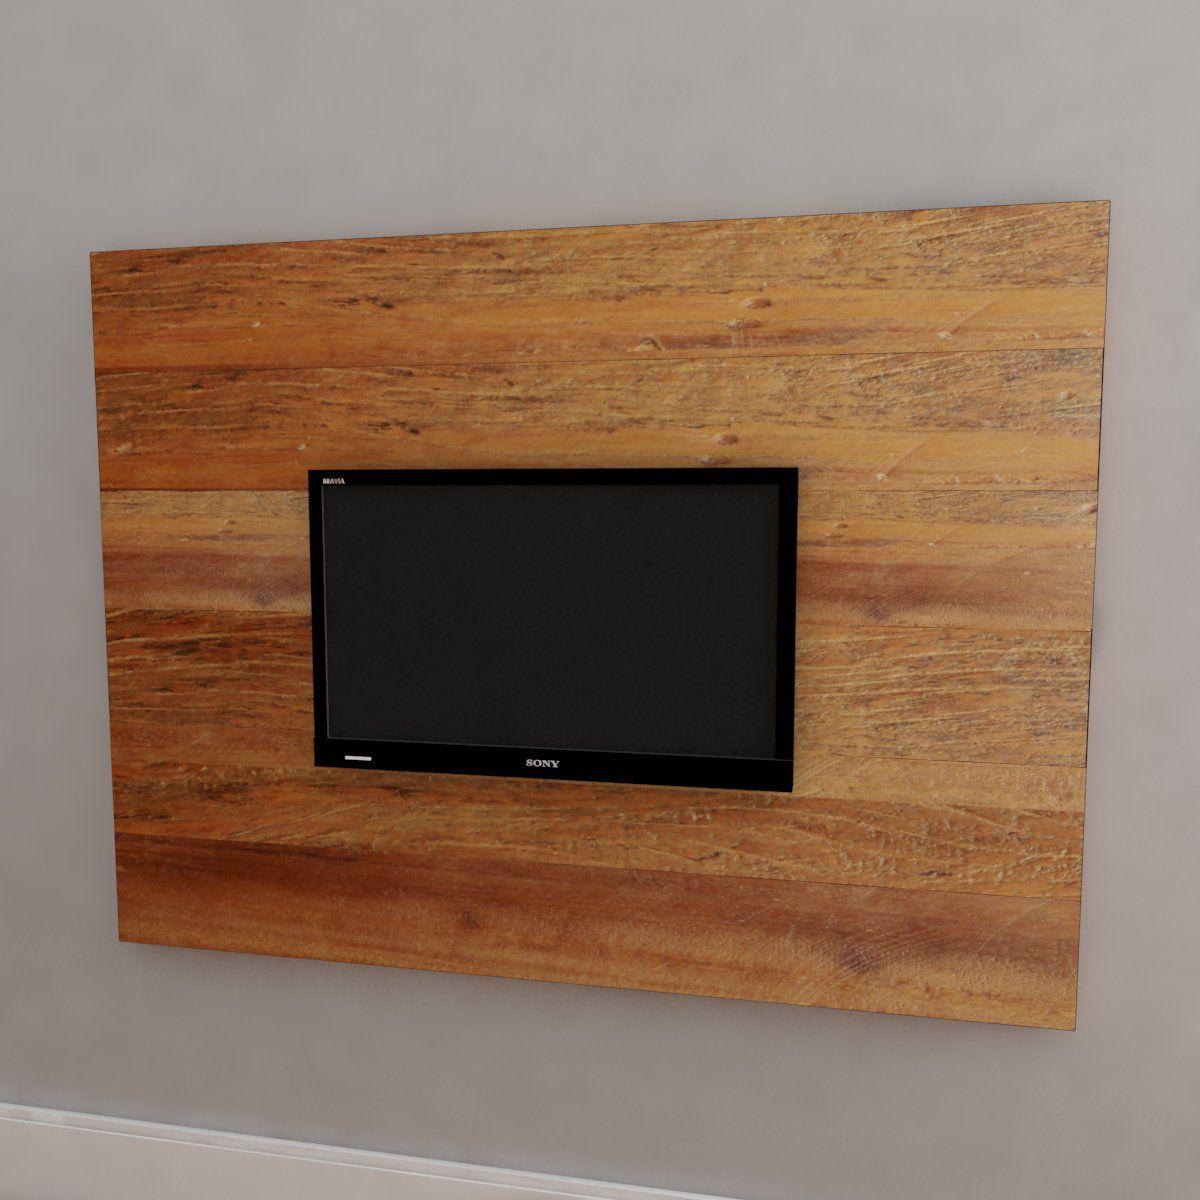 Painel Com Prateleira Para TV Em Madeira De Demolição Medindo 1,40 X 1,00